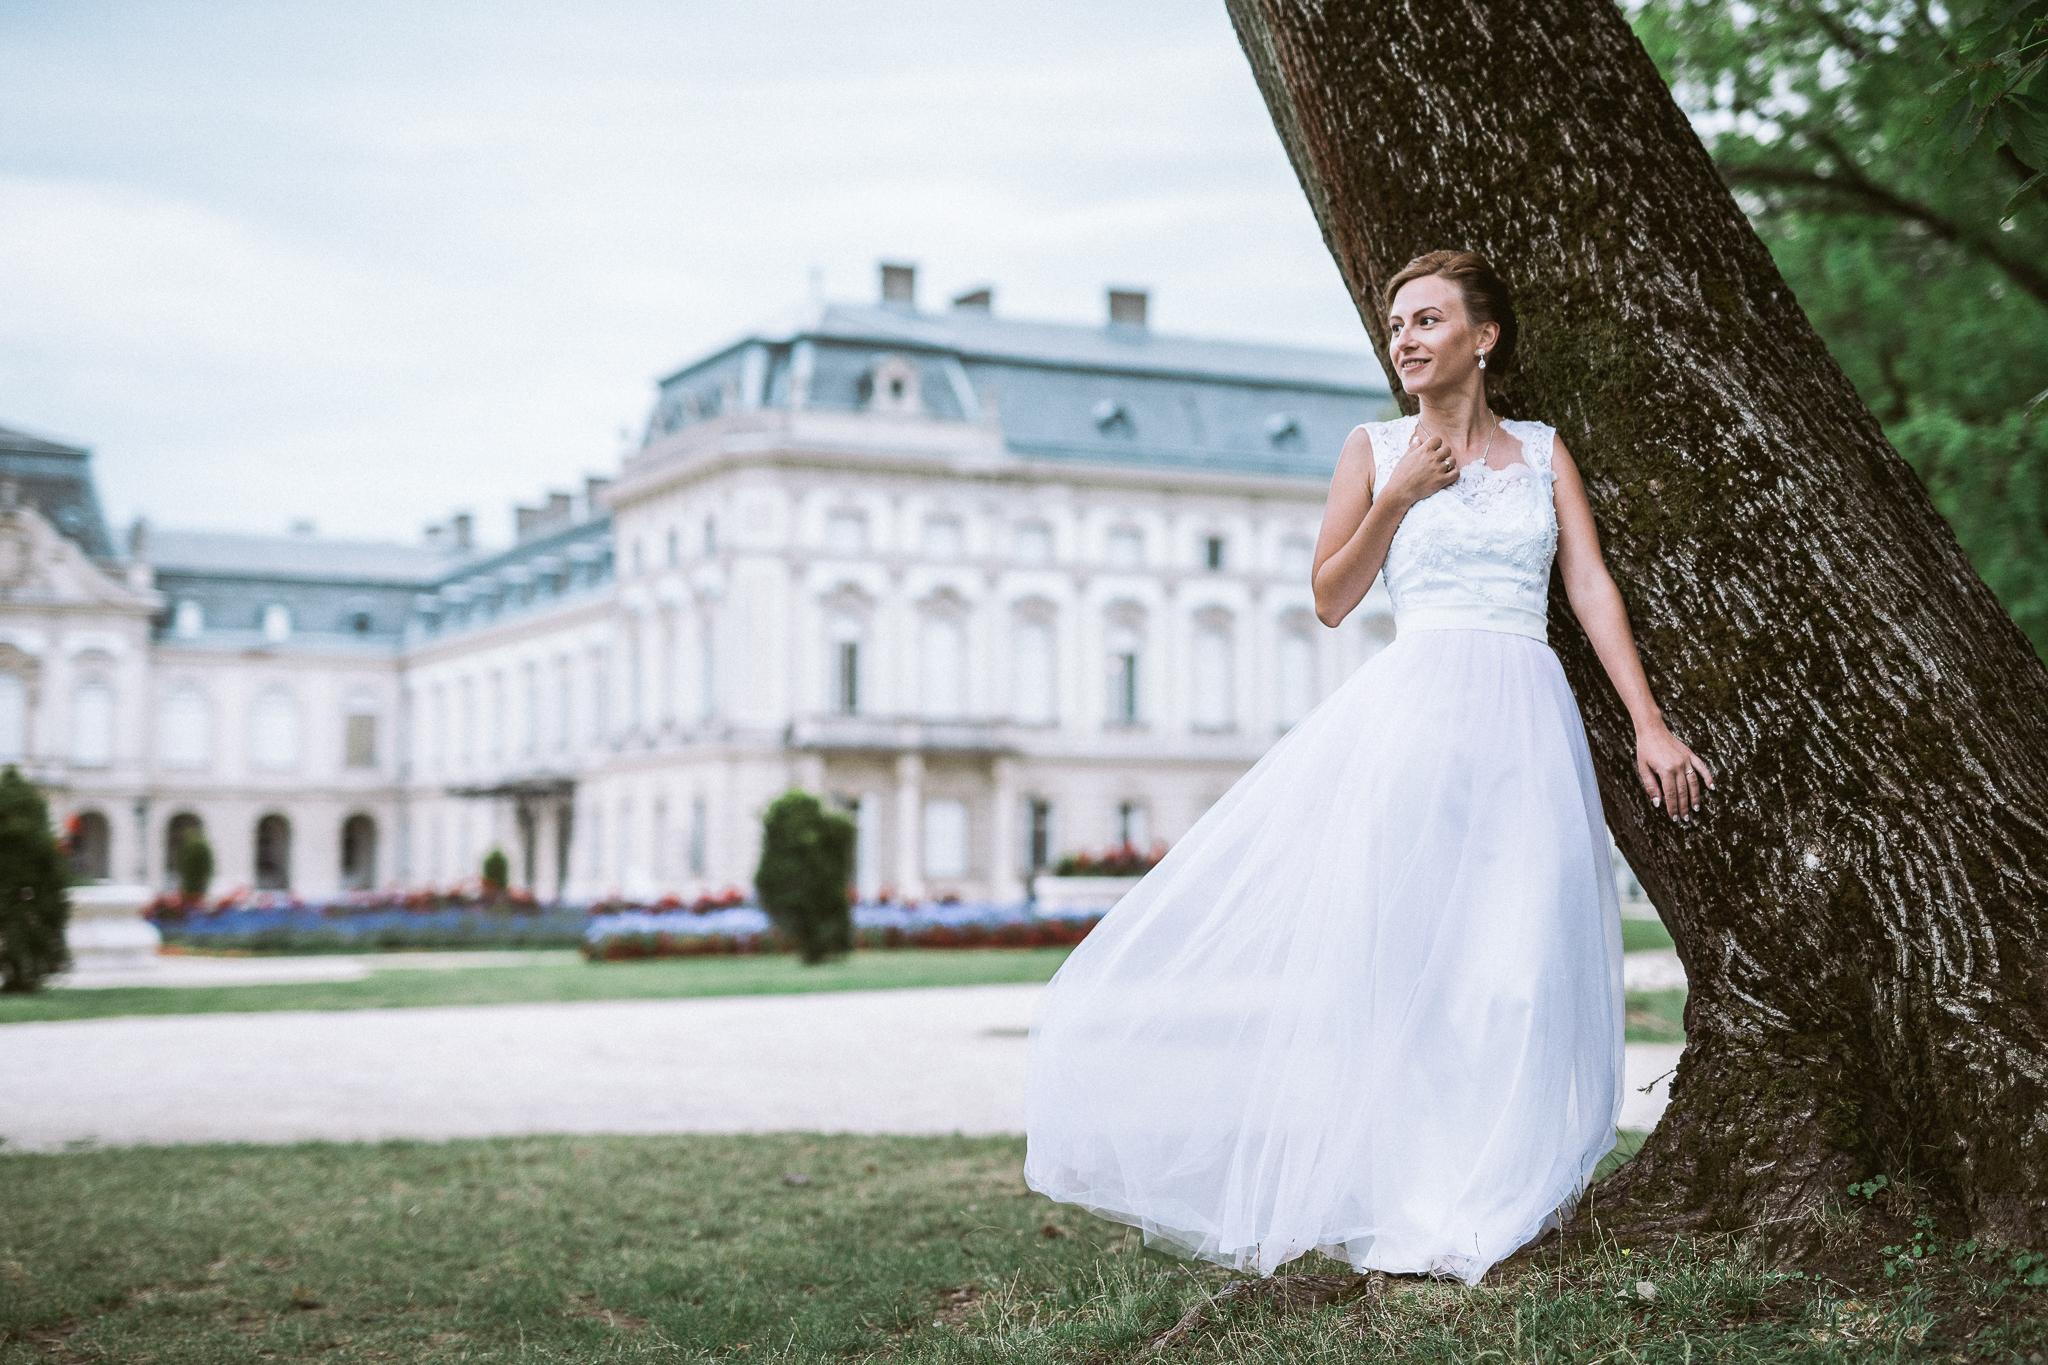 FylepPhoto, esküvőfotós, esküvői fotós Körmend, Szombathely, esküvőfotózás, magyarország, vas megye, prémium, jegyesfotózás, Fülöp Péter, körmend, kreatív, fotográfus_22-2.jpg